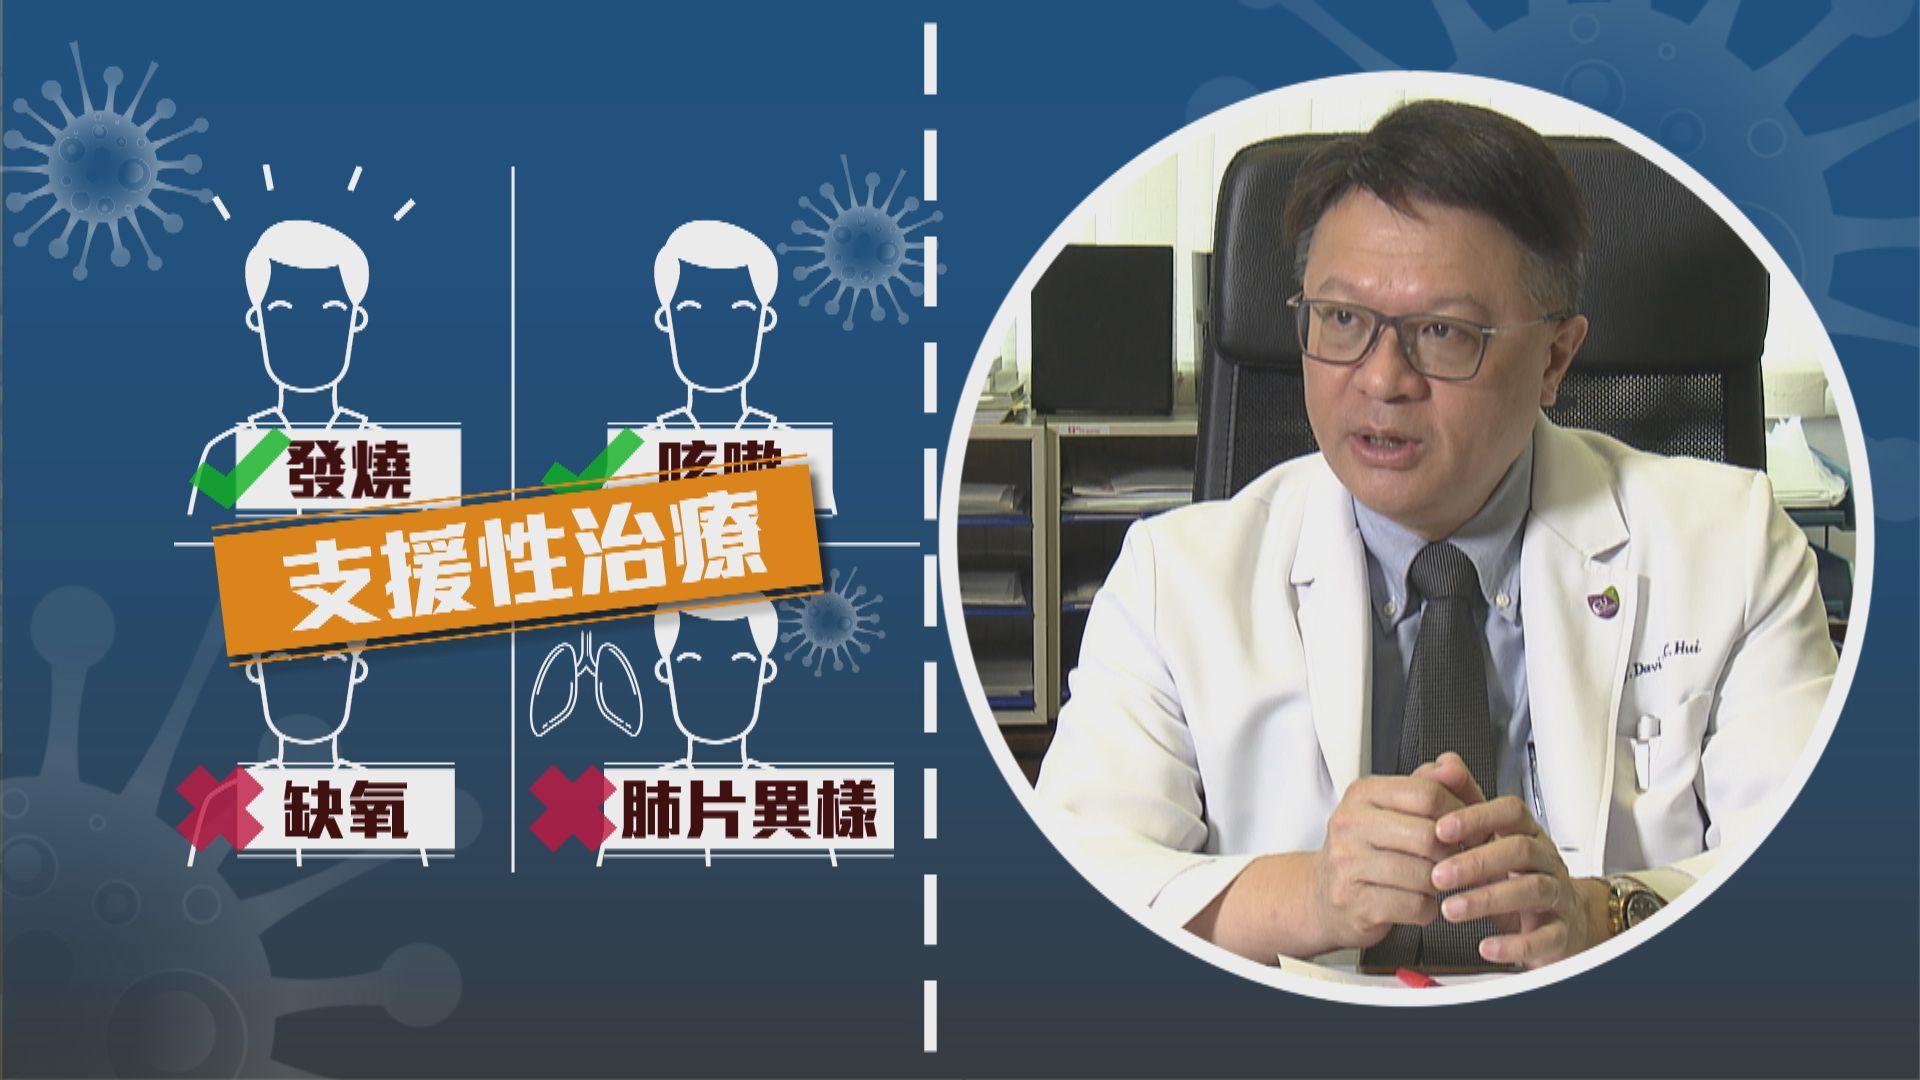 【專家話你知】新型冠狀病毒有何治療方案?